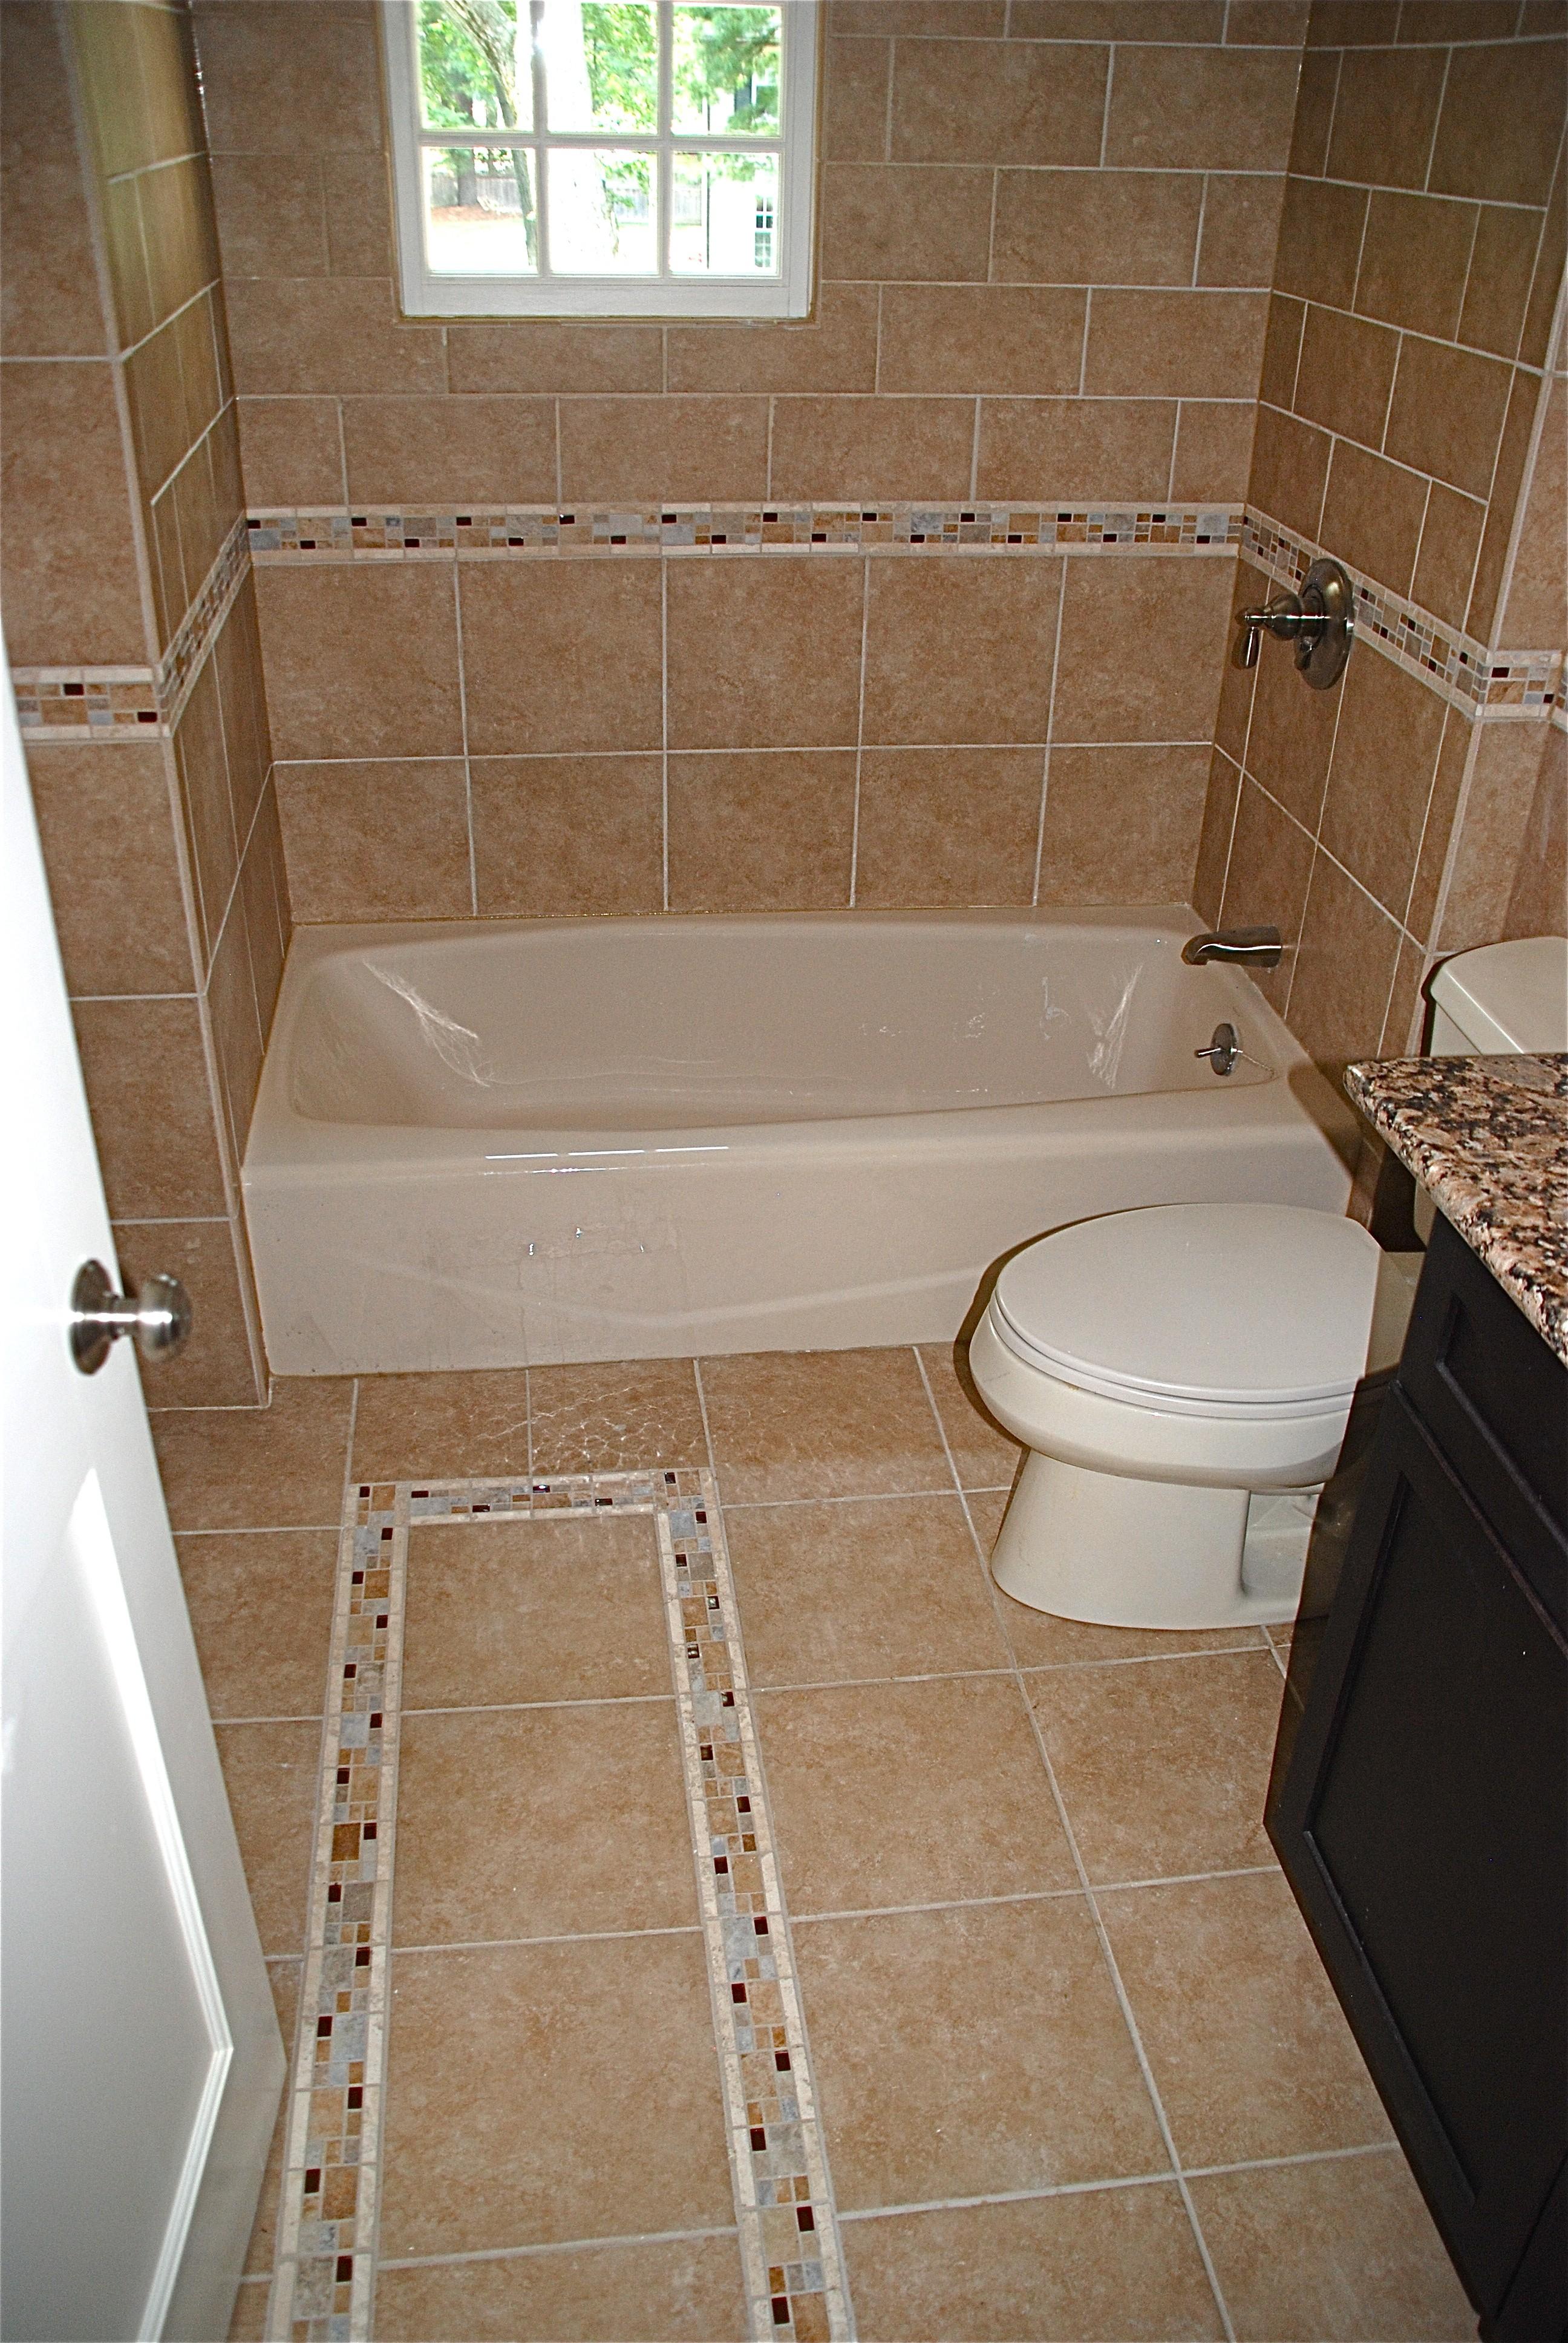 Excellent Home Depot Bathroom Floor Tile Pattern Bathroom Design